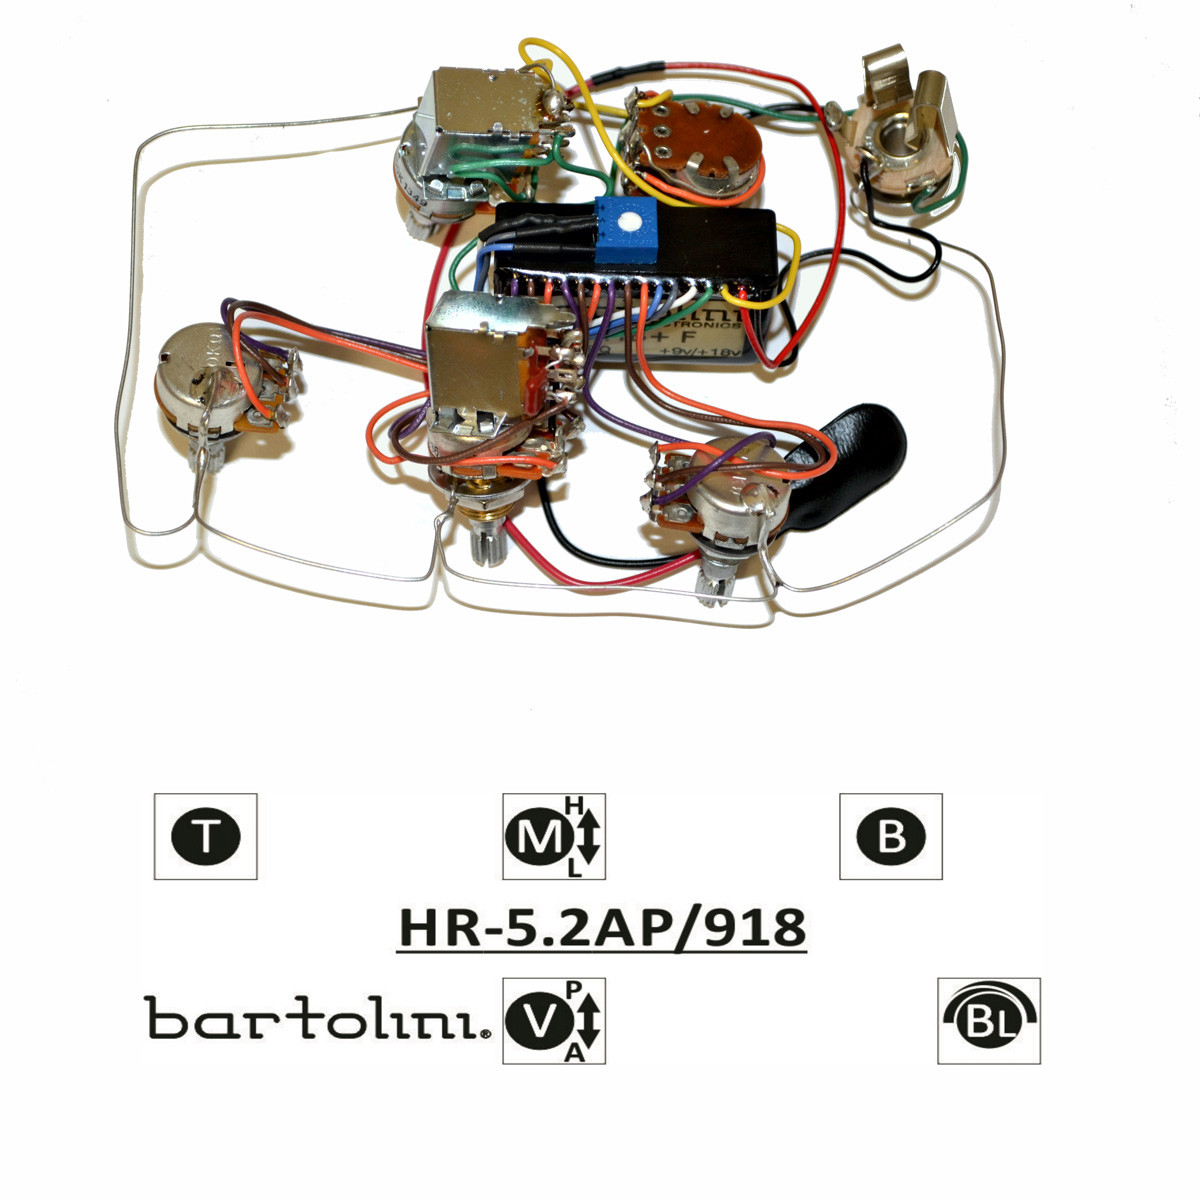 Bartolini HR-5.2AP Pre-Wired 3 Band EQ Active/Passive Vol, blend ...